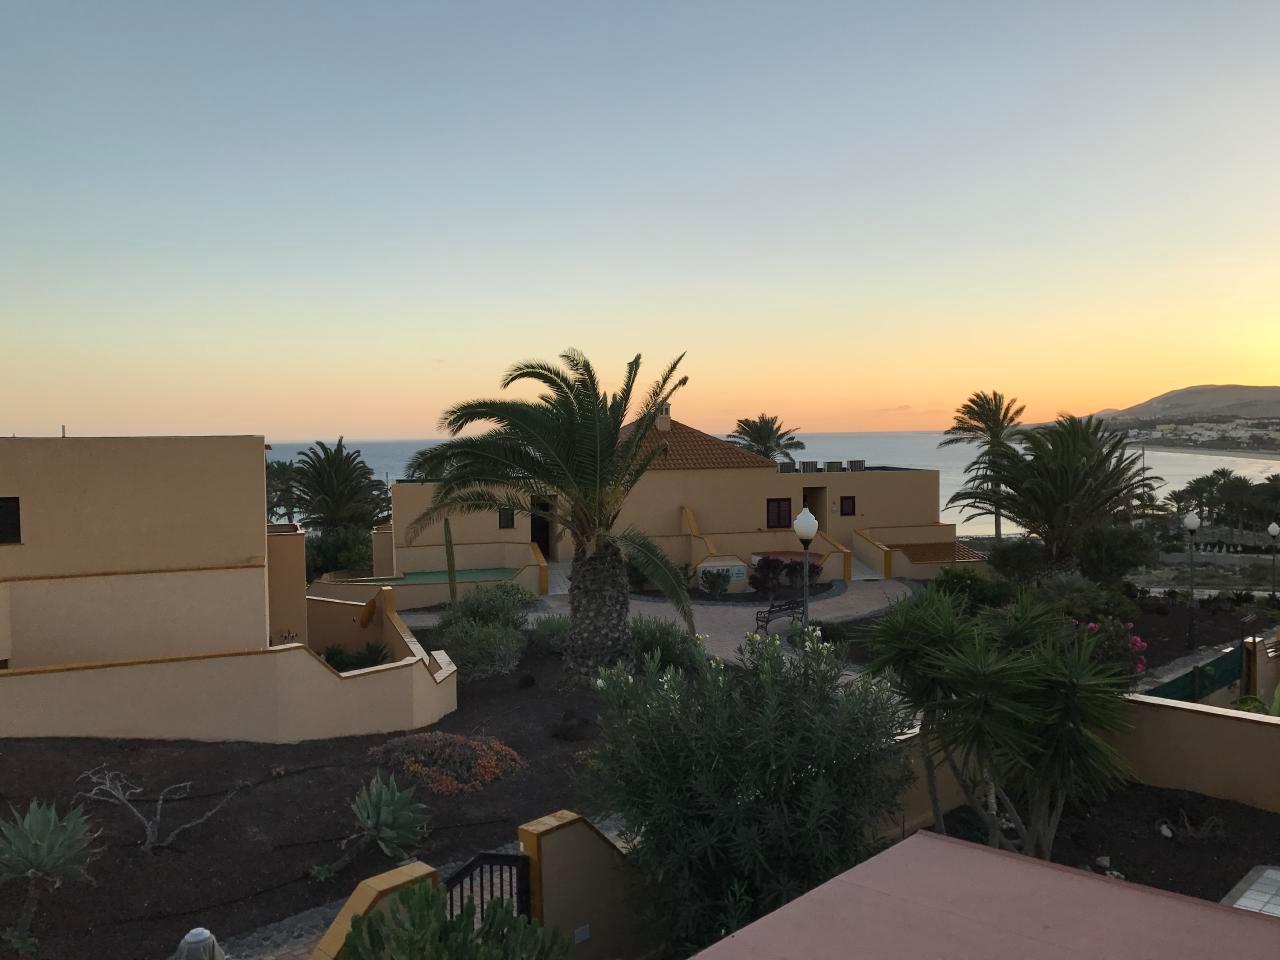 Ferienhaus Casa BELLA 150 vom strand, grill, garten , WiFi (2066771), Costa Calma, Fuerteventura, Kanarische Inseln, Spanien, Bild 2